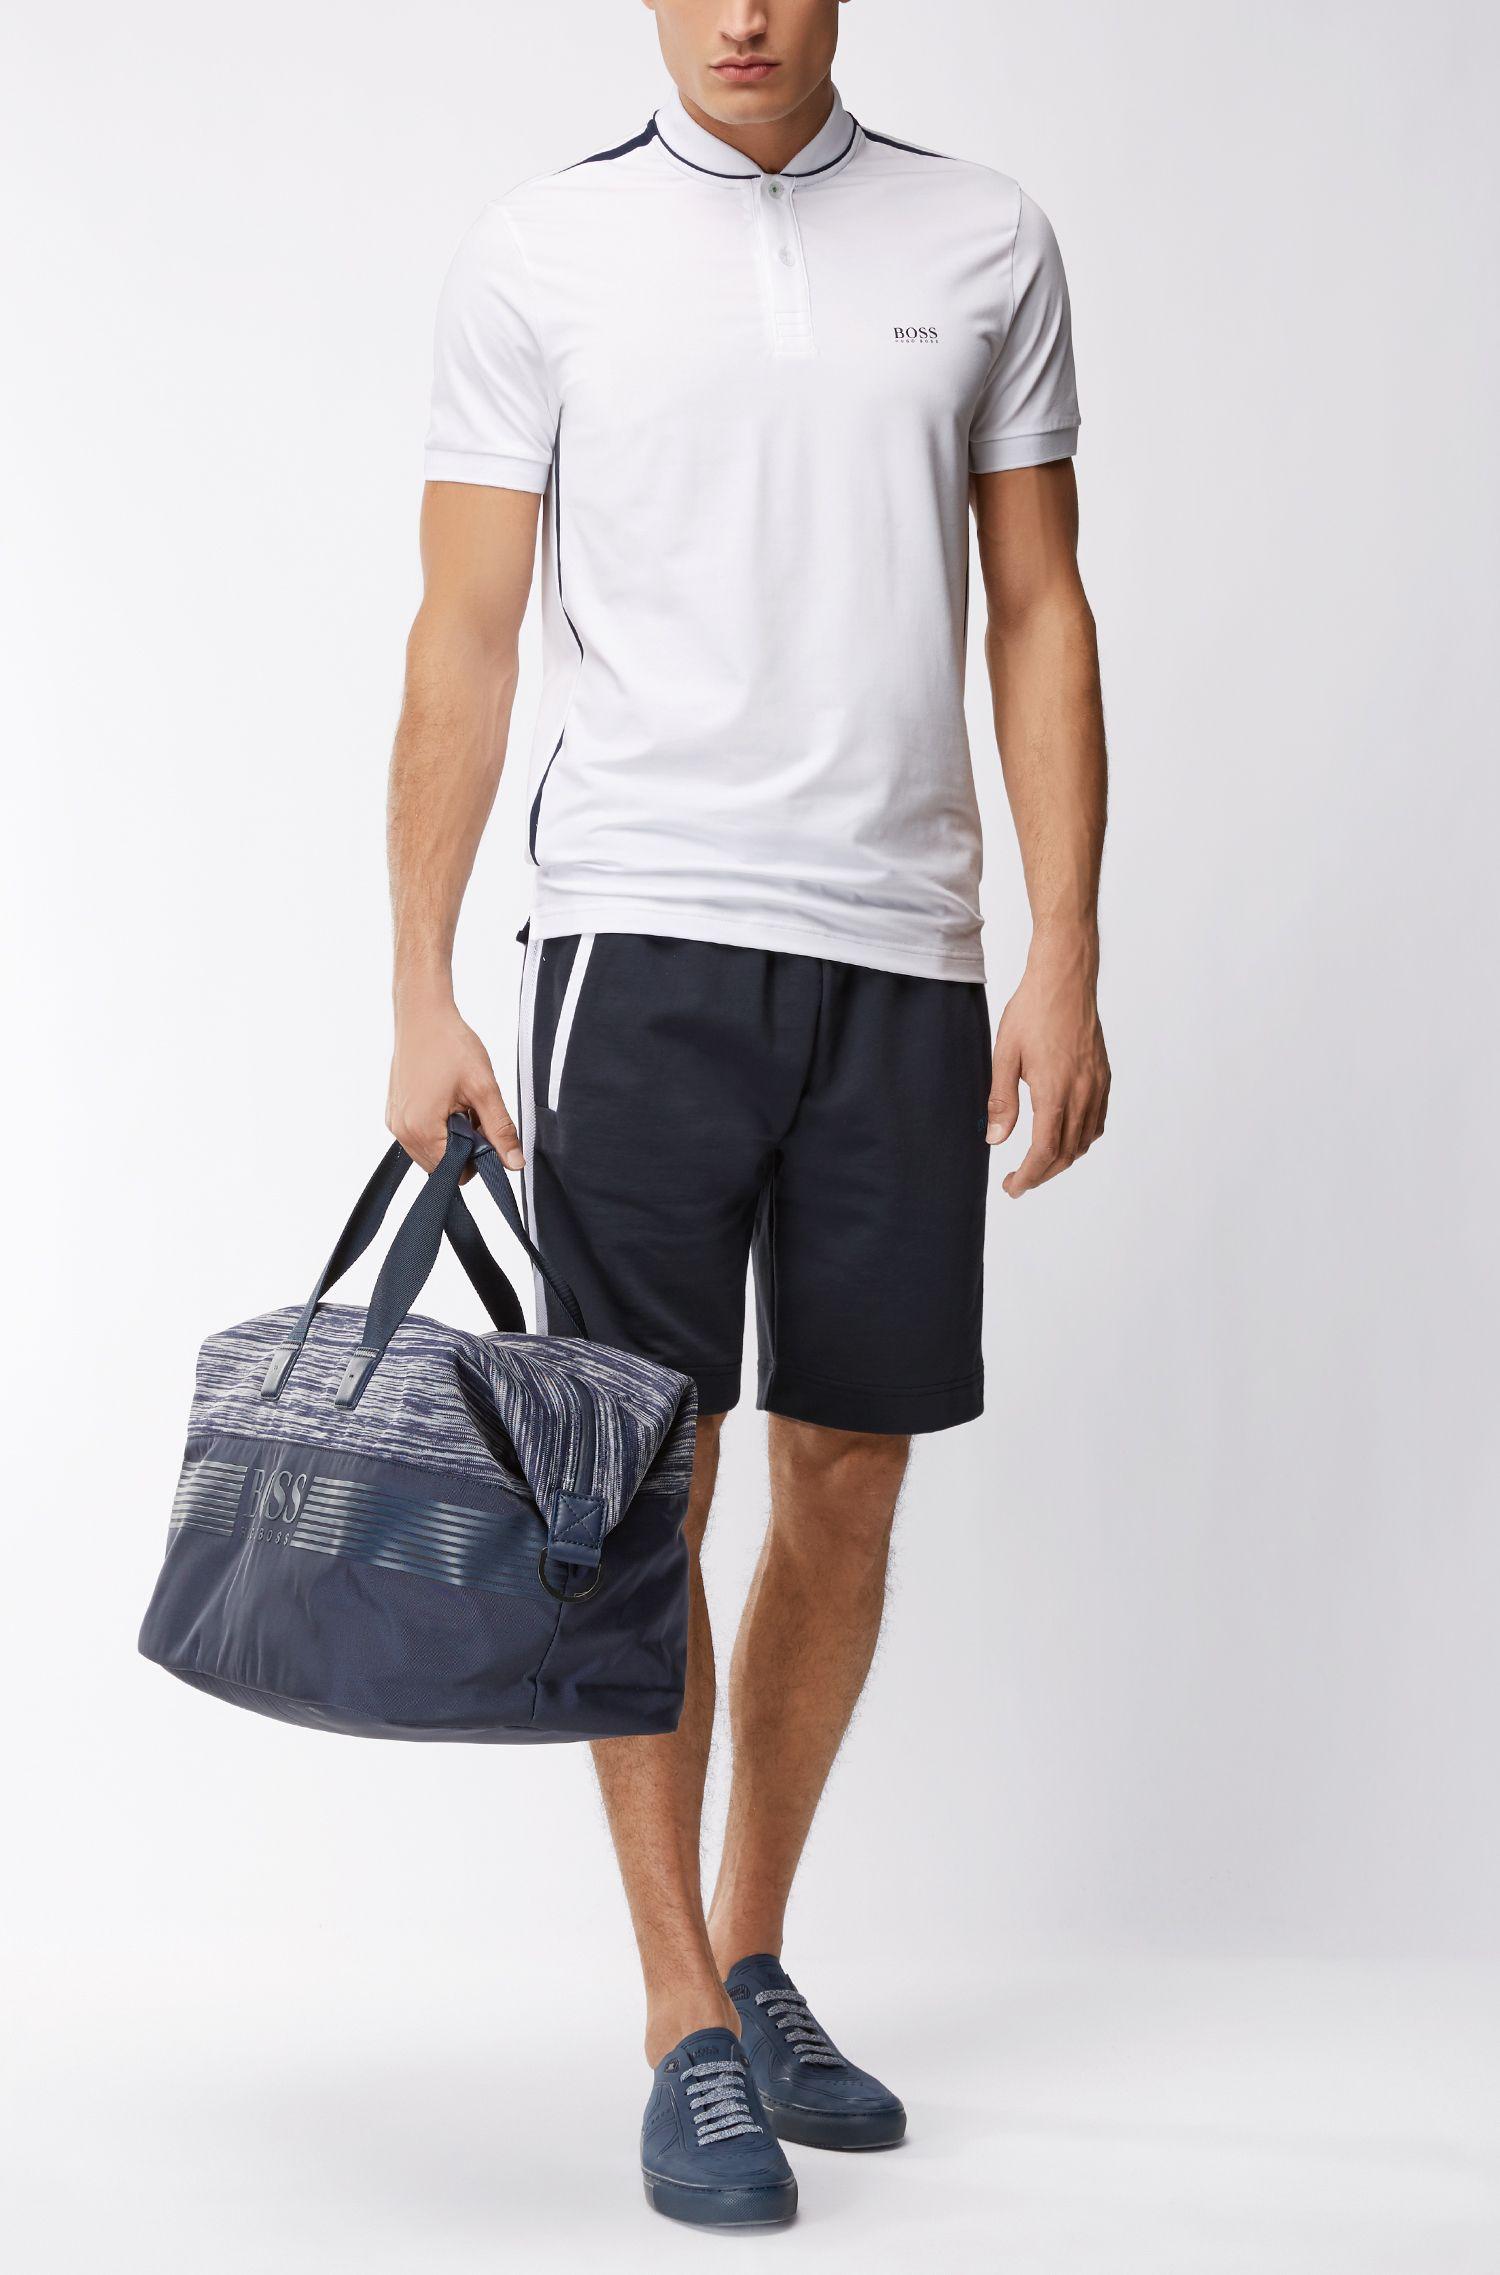 Pantaloncini della tuta in cotone con pannelli in rete